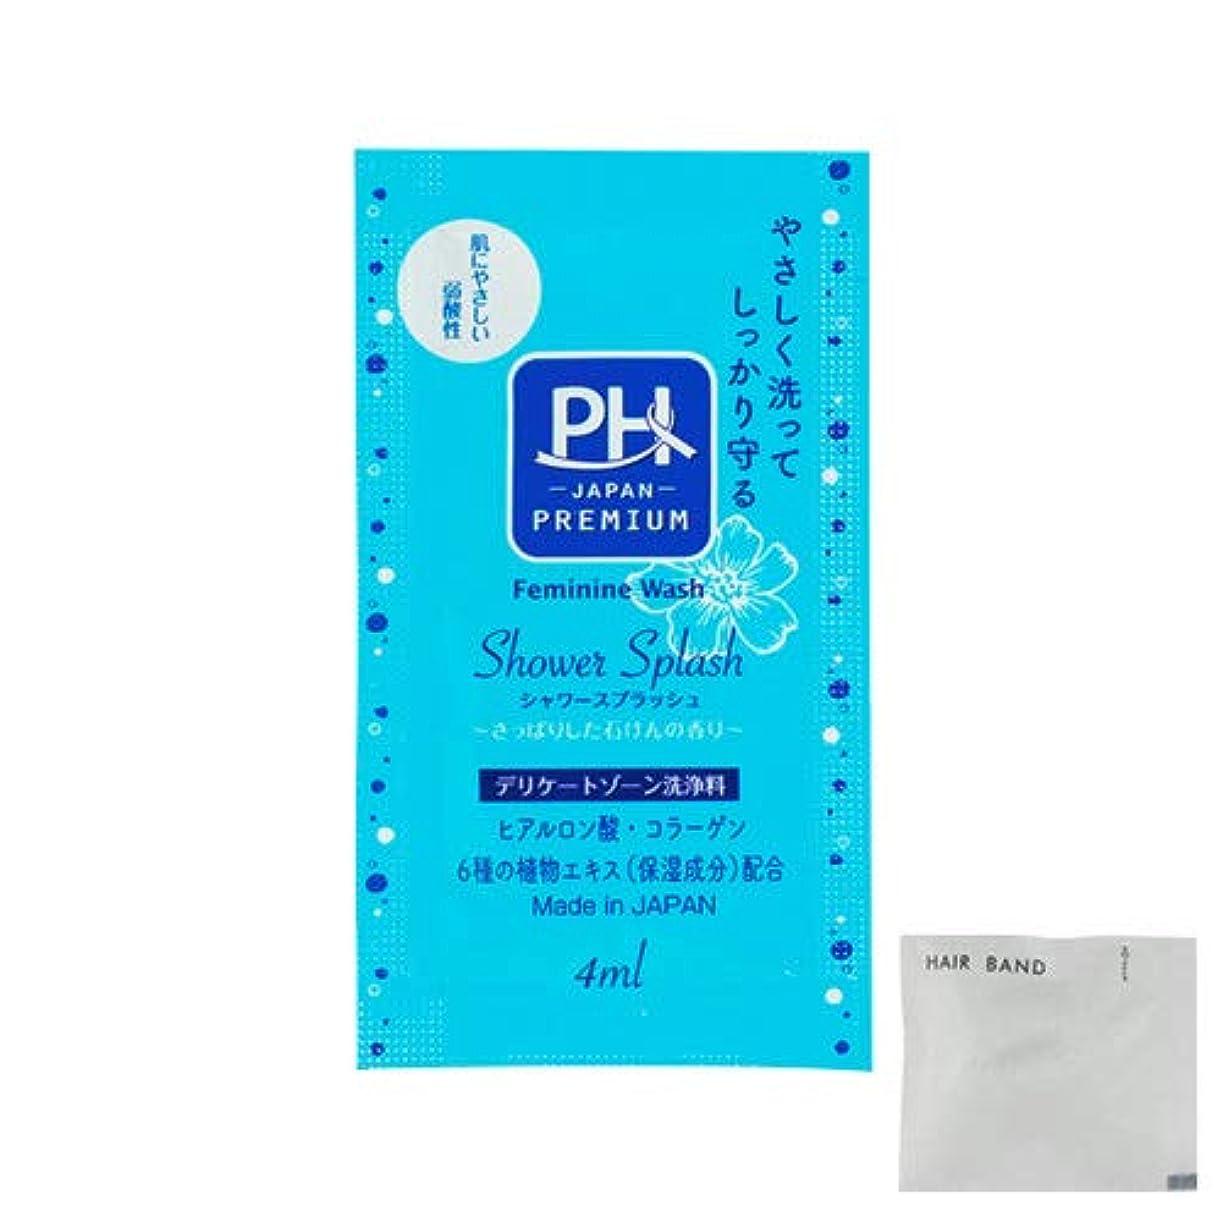 ハード納得させるずんぐりしたPH JAPAN プレミアム フェミニンウォッシュ シャワースプラッシュ 4mL(お試し用)×200個 + ヘアゴム(カラーはおまかせ)セット